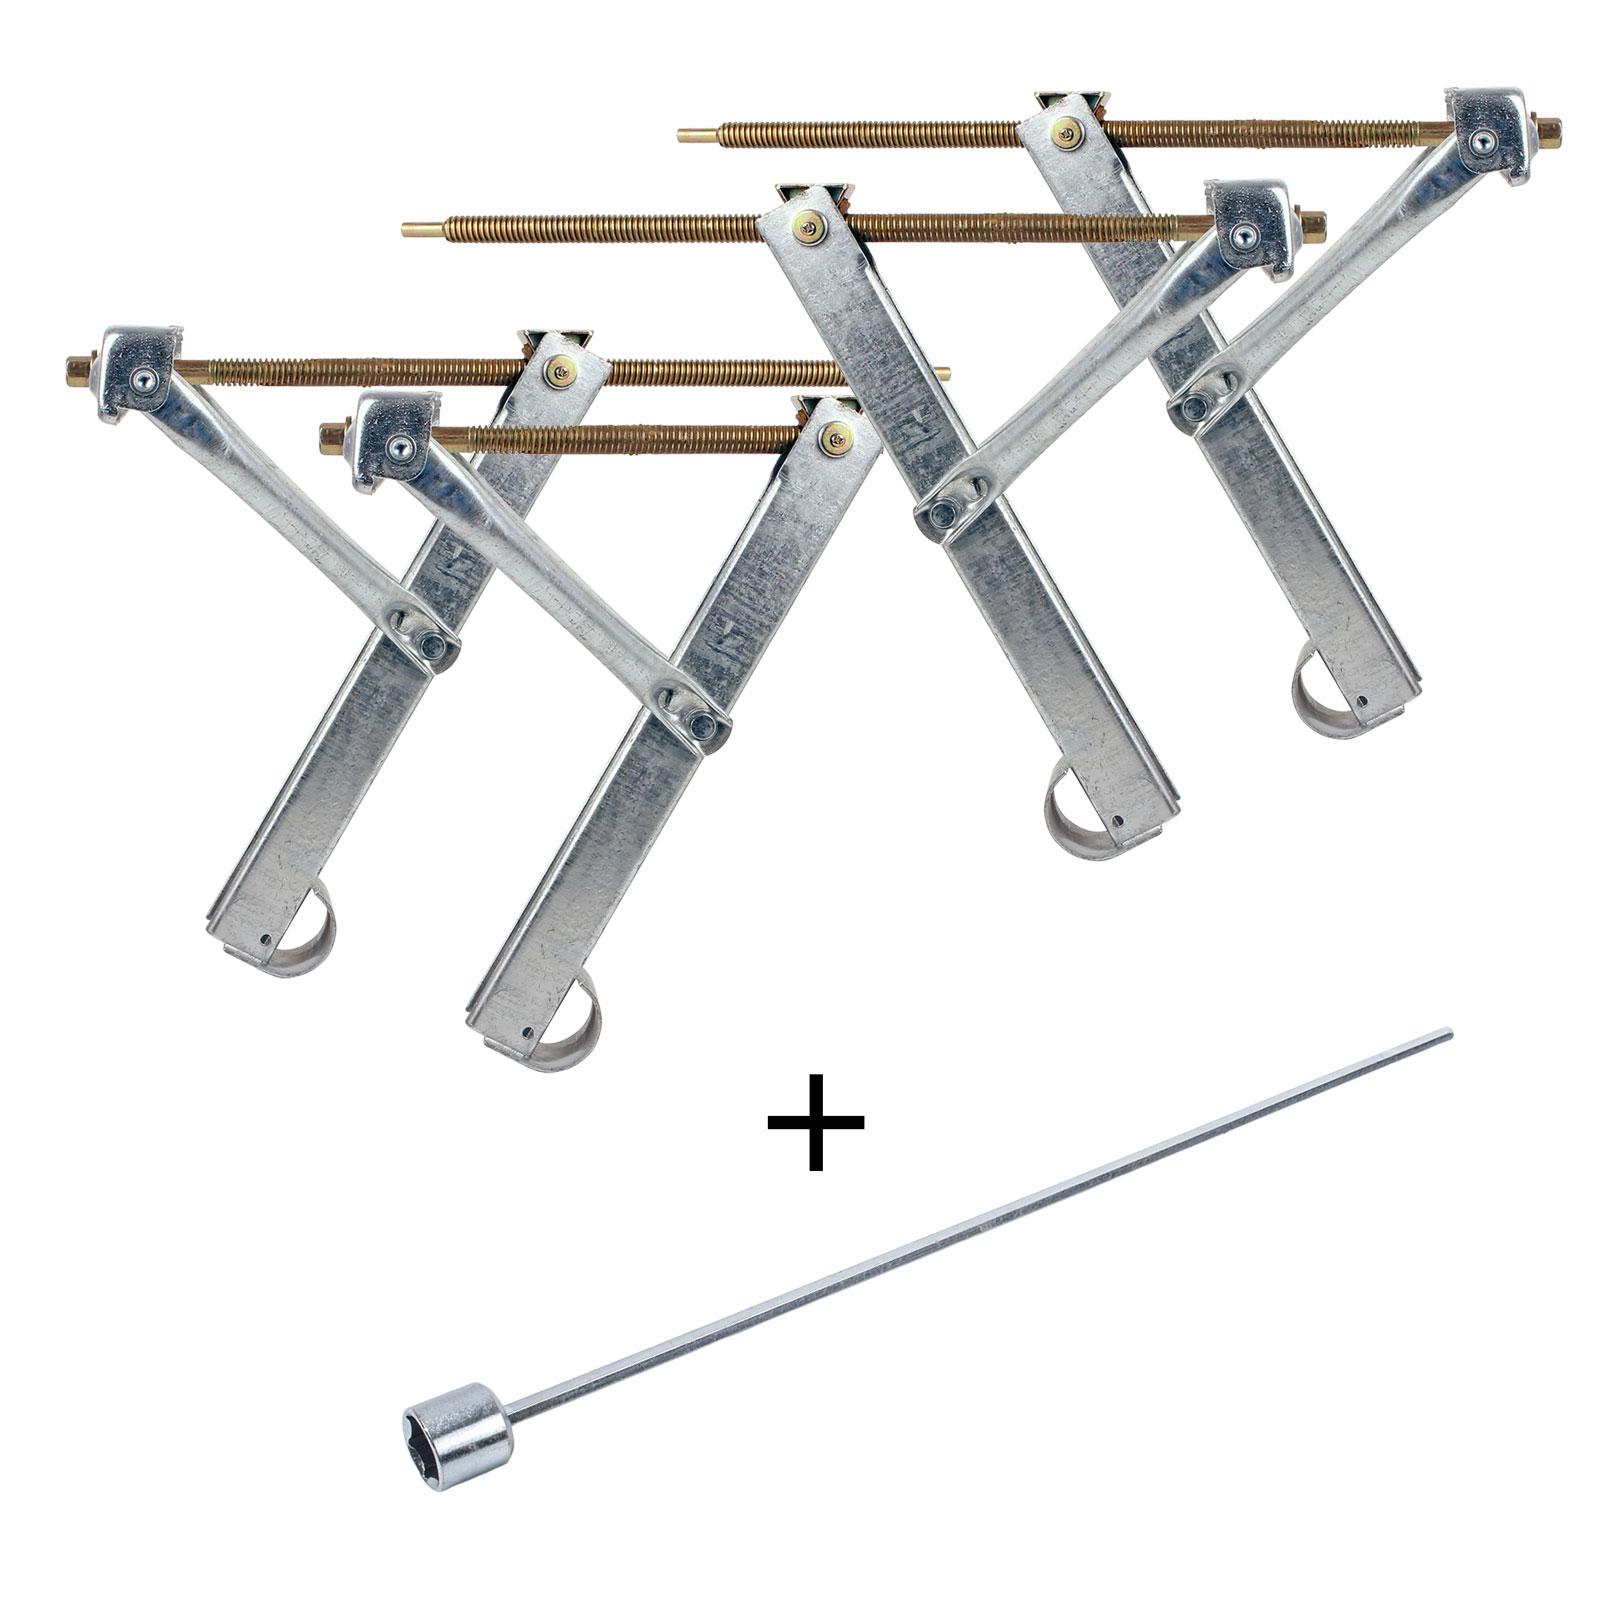 Ausdrehstütze Set 4 Stück Traglast 500 Kg + Akkuschrauberaufsatz 19 mm